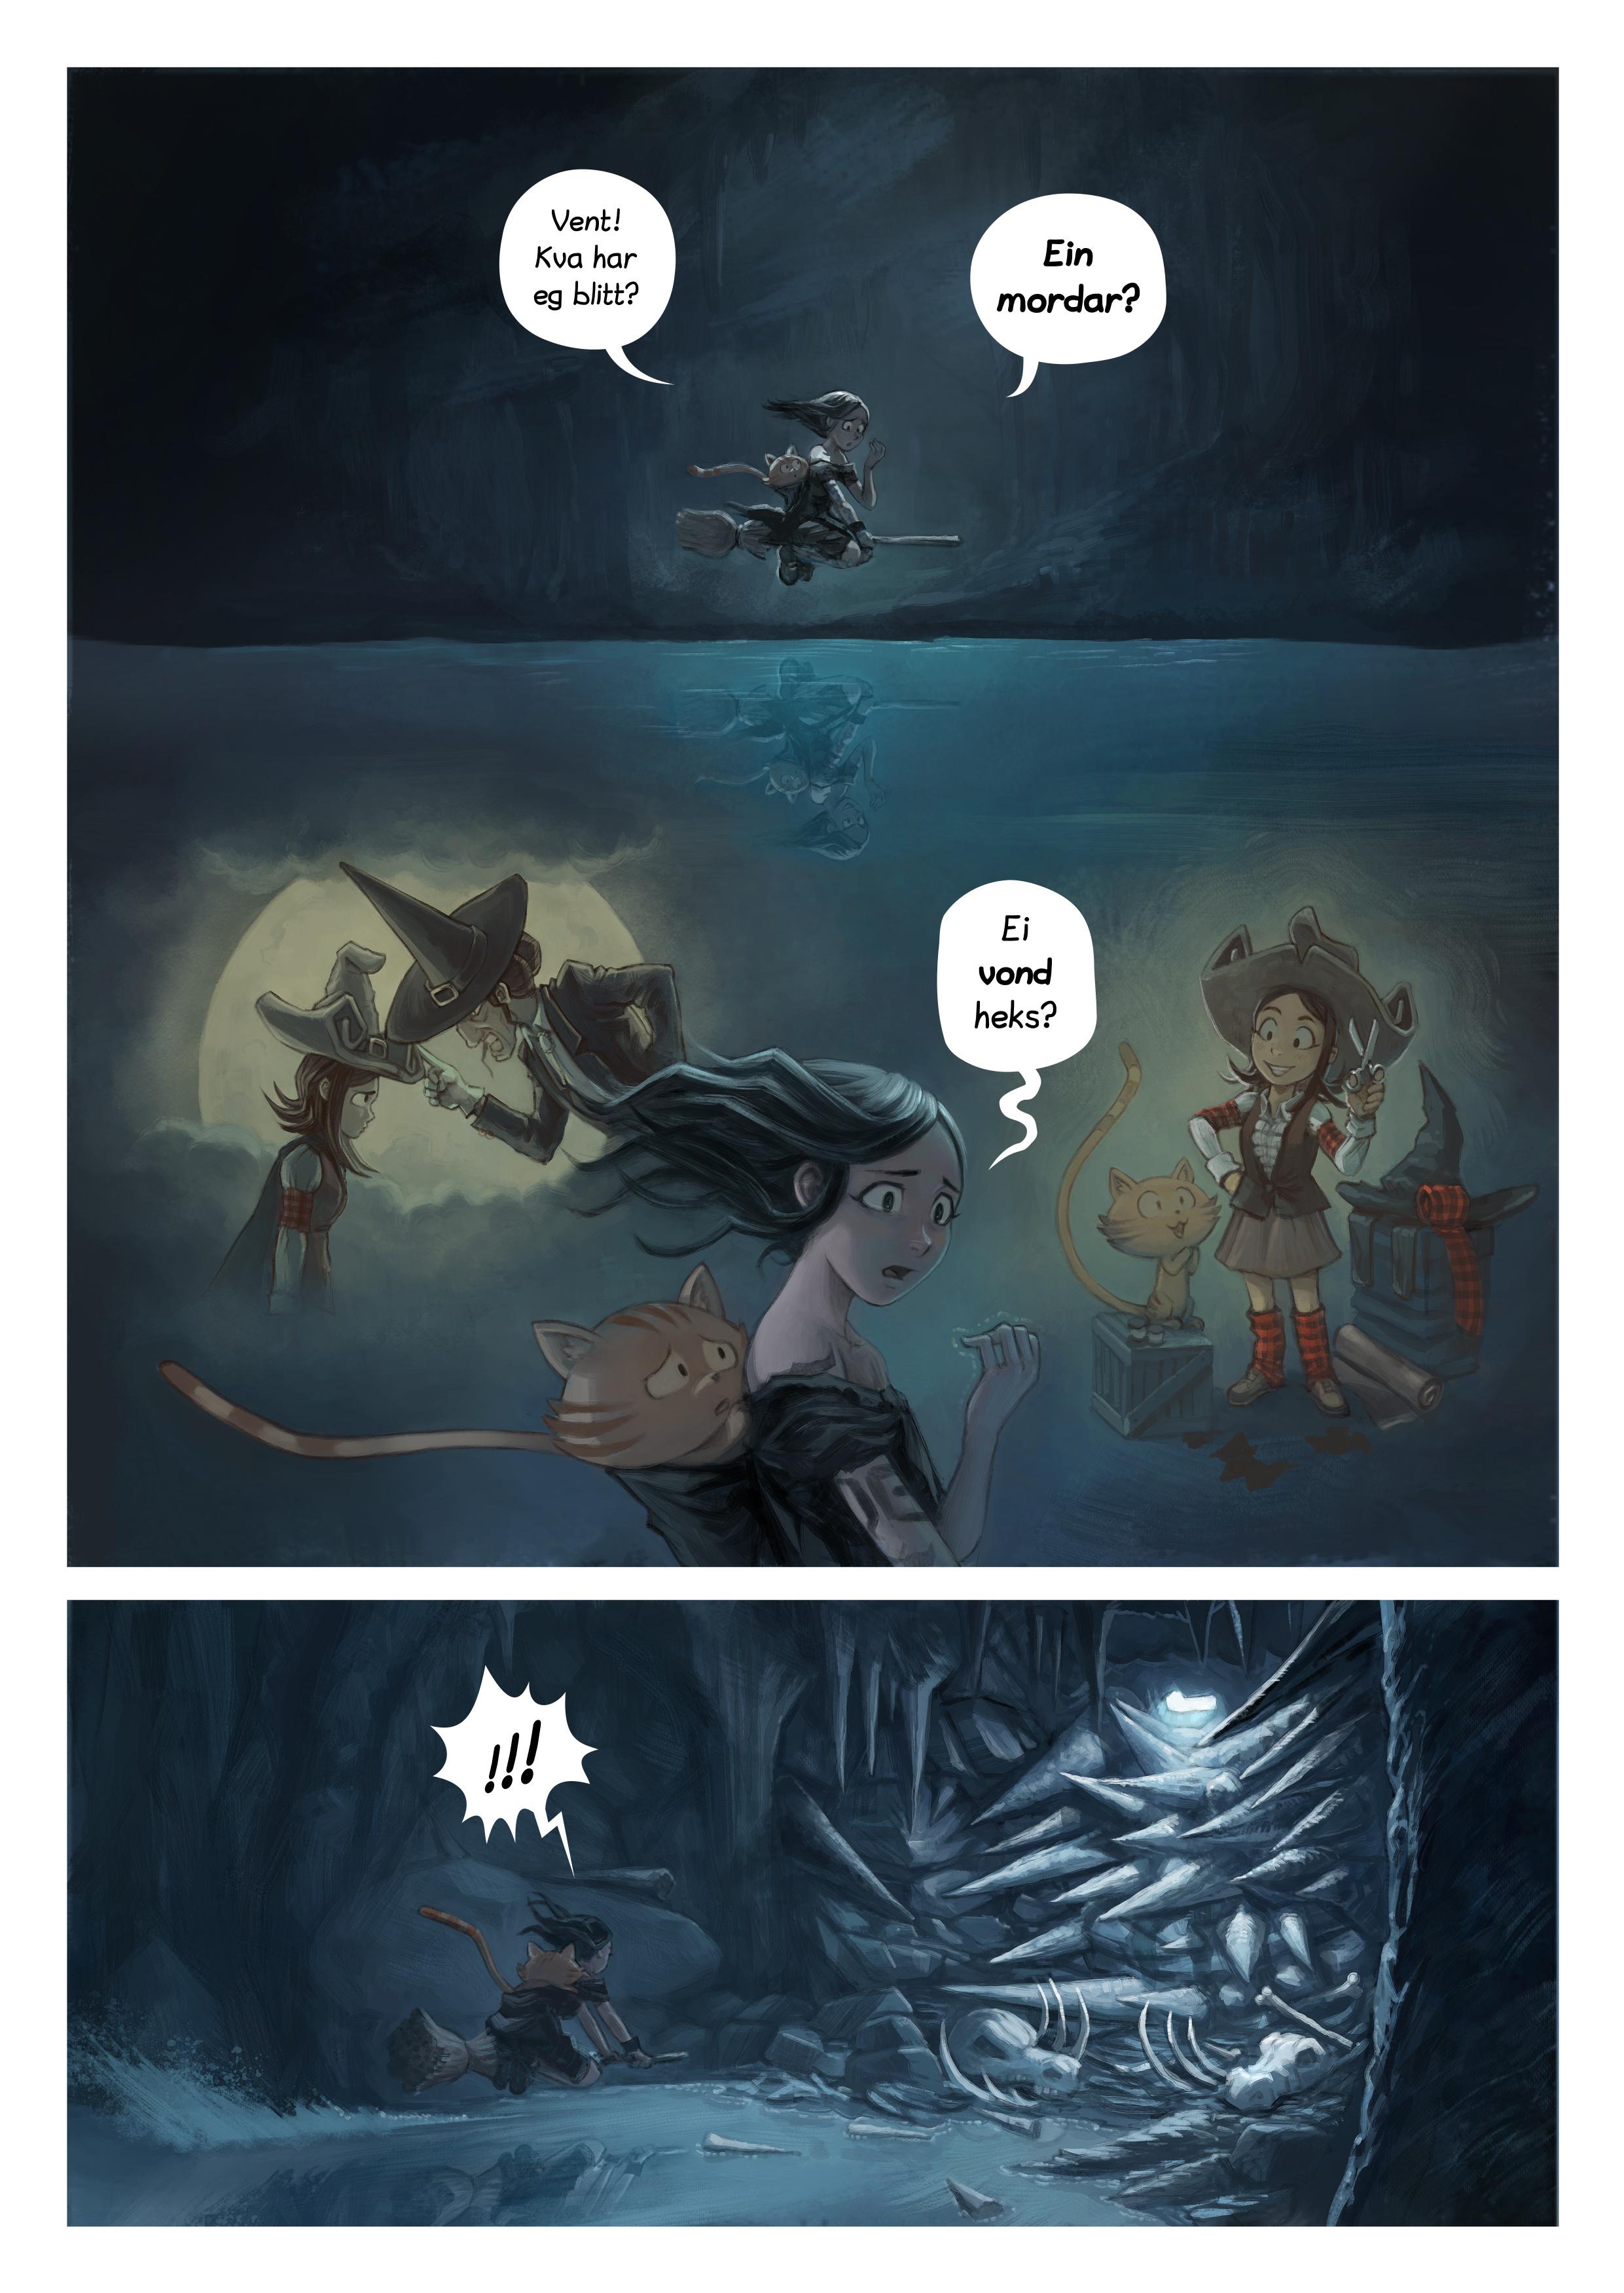 Episode 35: Refleksjonen, Side 8